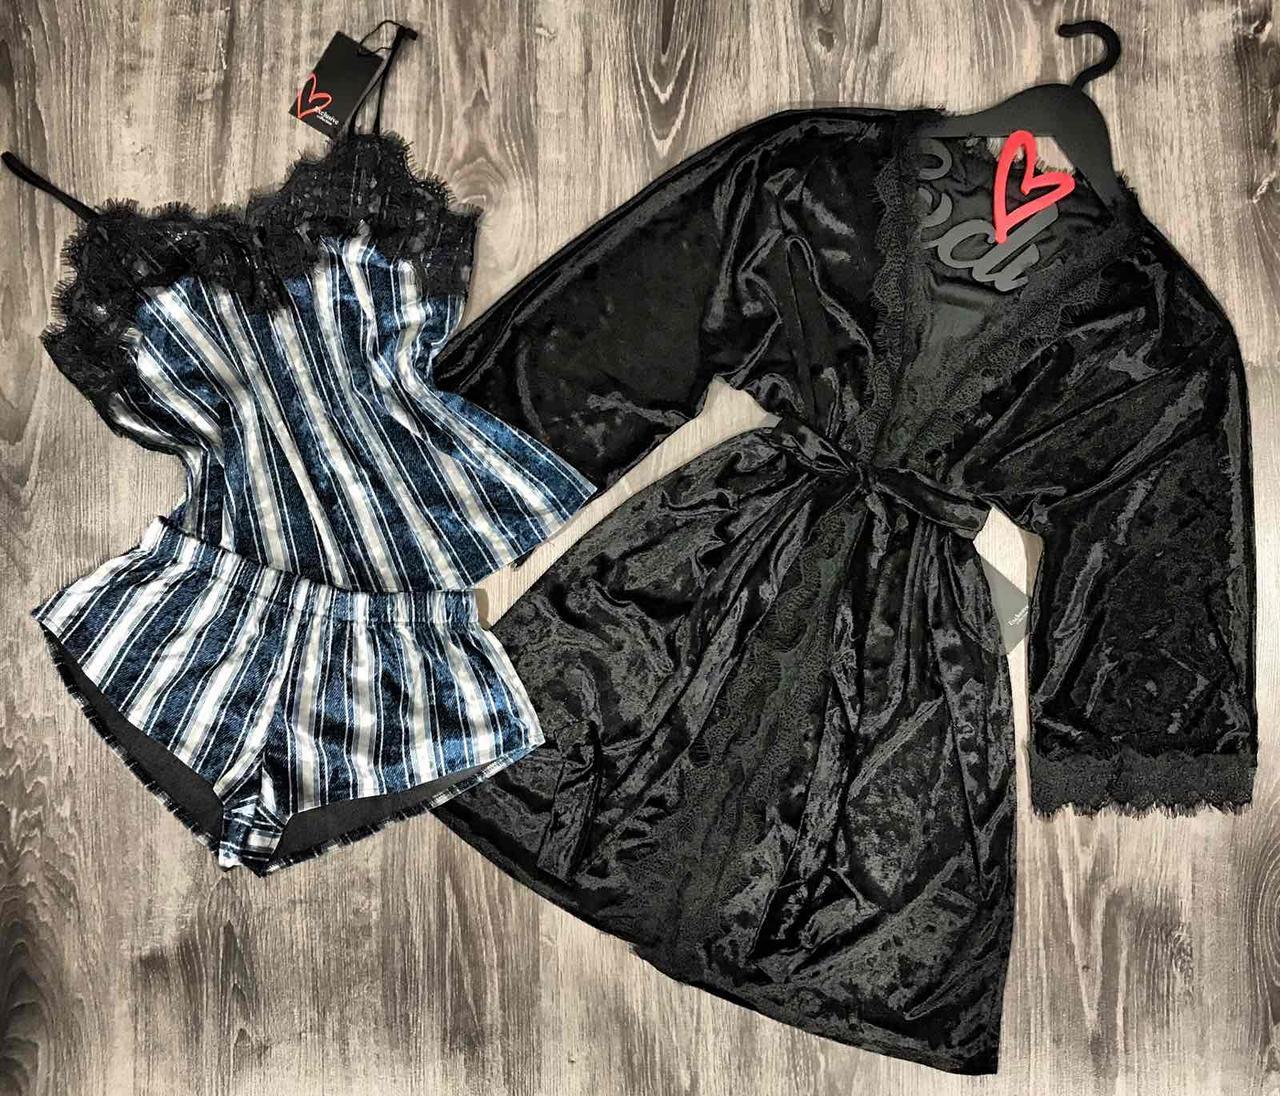 Халат+пижама ( майка и шорты)- велюровый комплект для сна и дома.